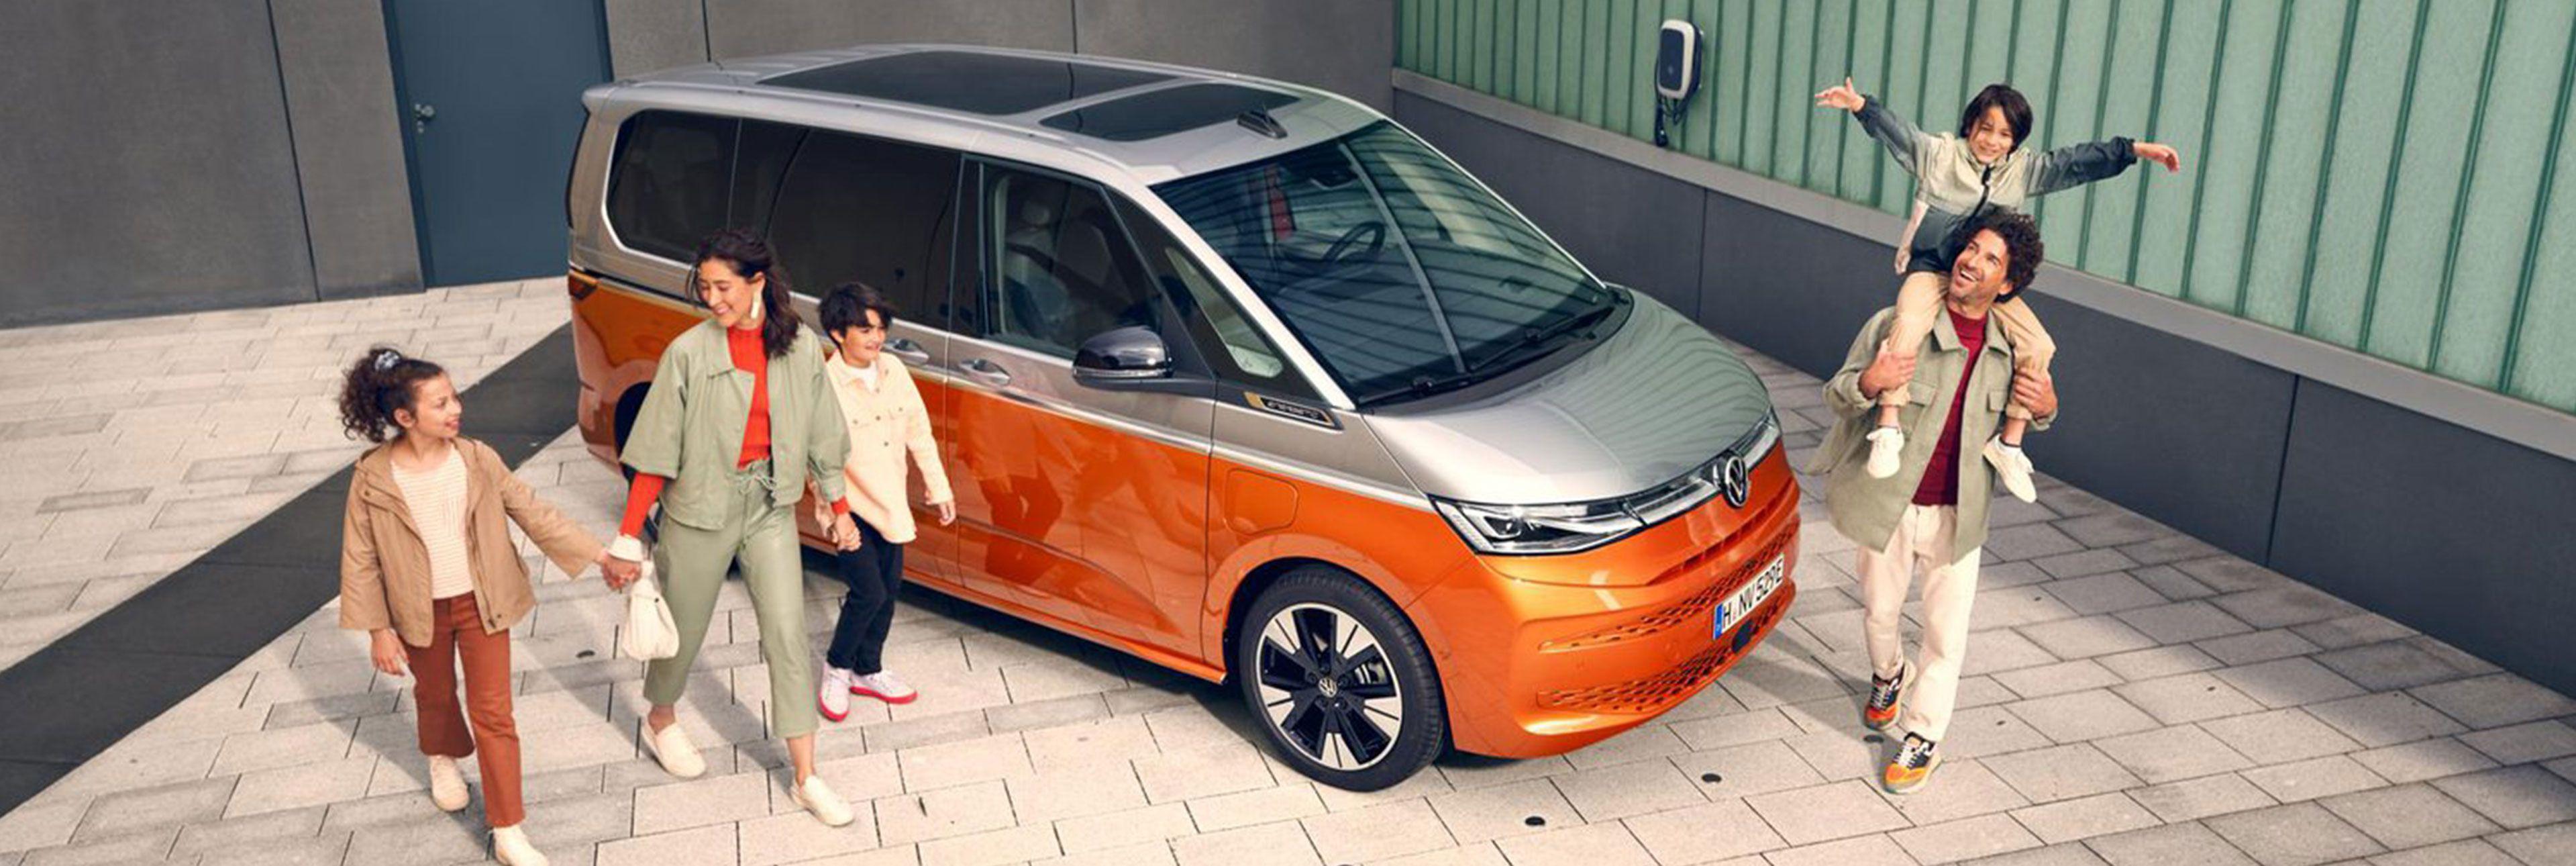 STA_LP_VW_Multivan_Header